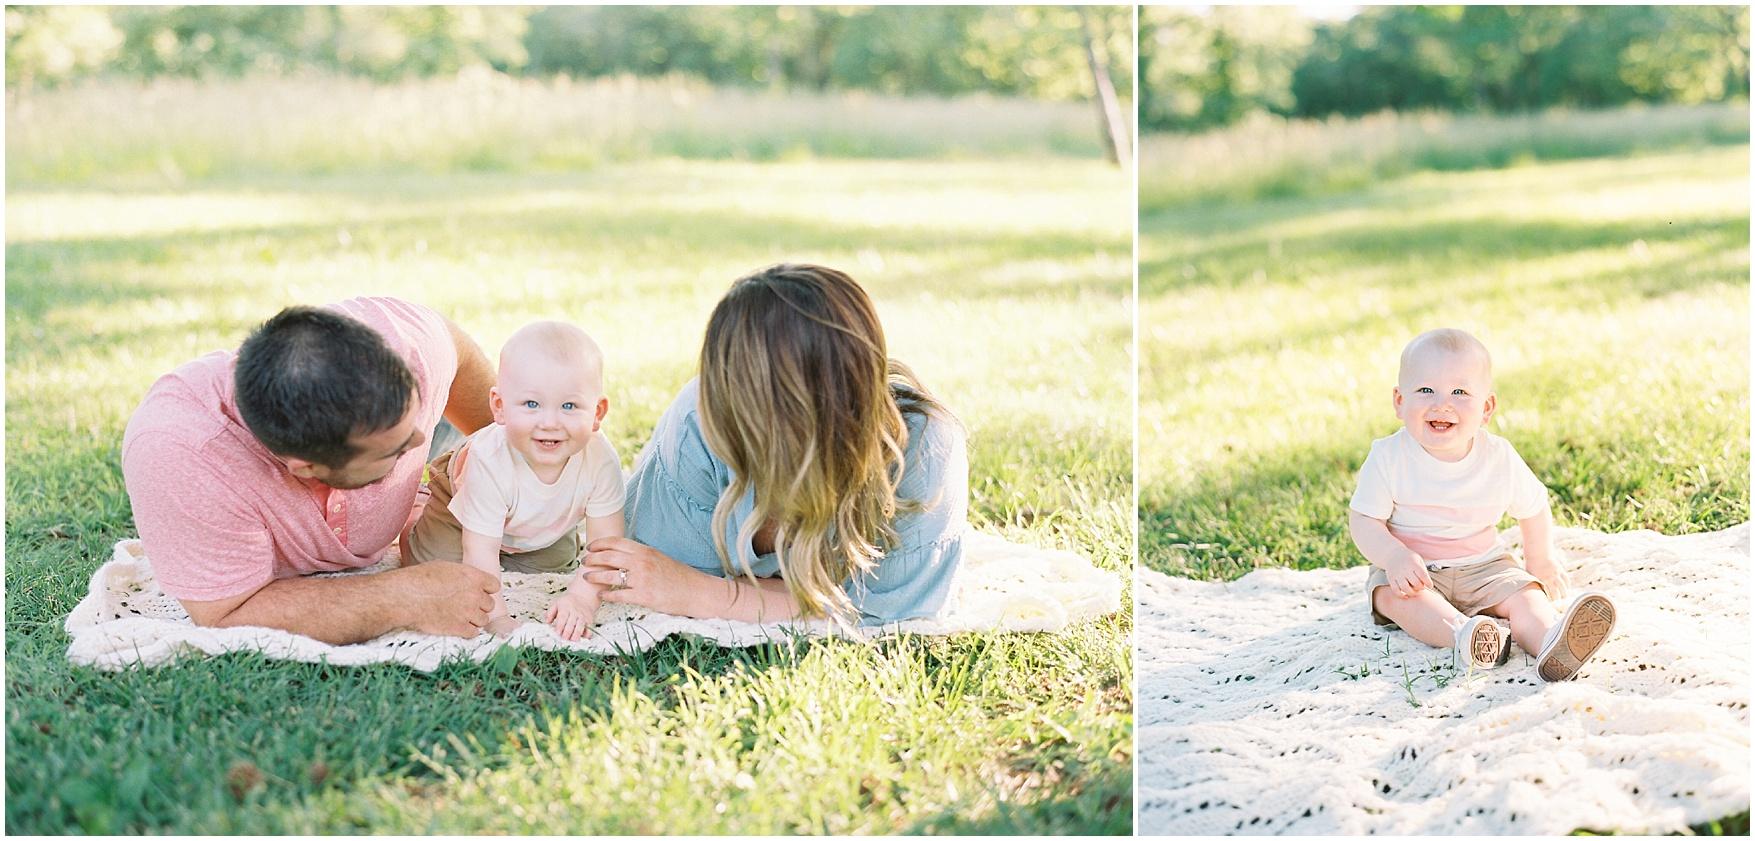 wedding photography st louis_lauren muckler photography_film photographer_film wedding_0433.jpg